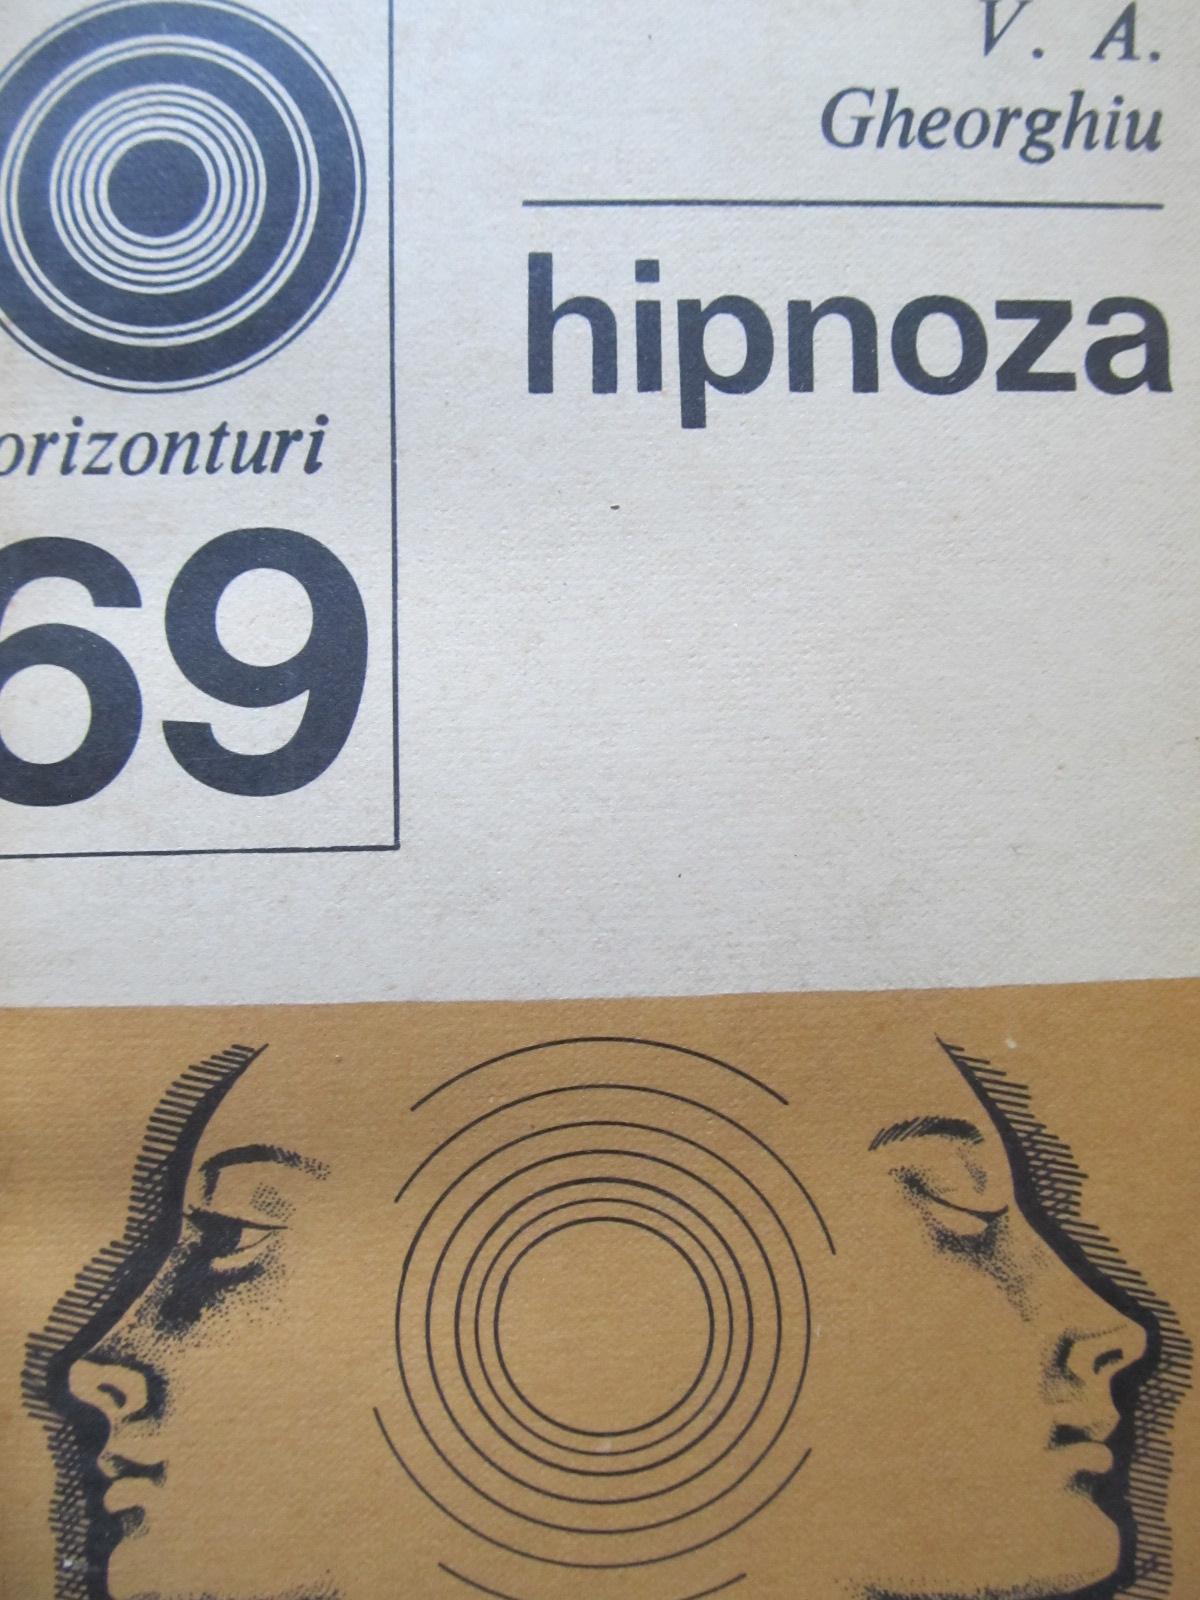 Hipnoza (69) [1] - V. A. Gheorghiu | Detalii carte